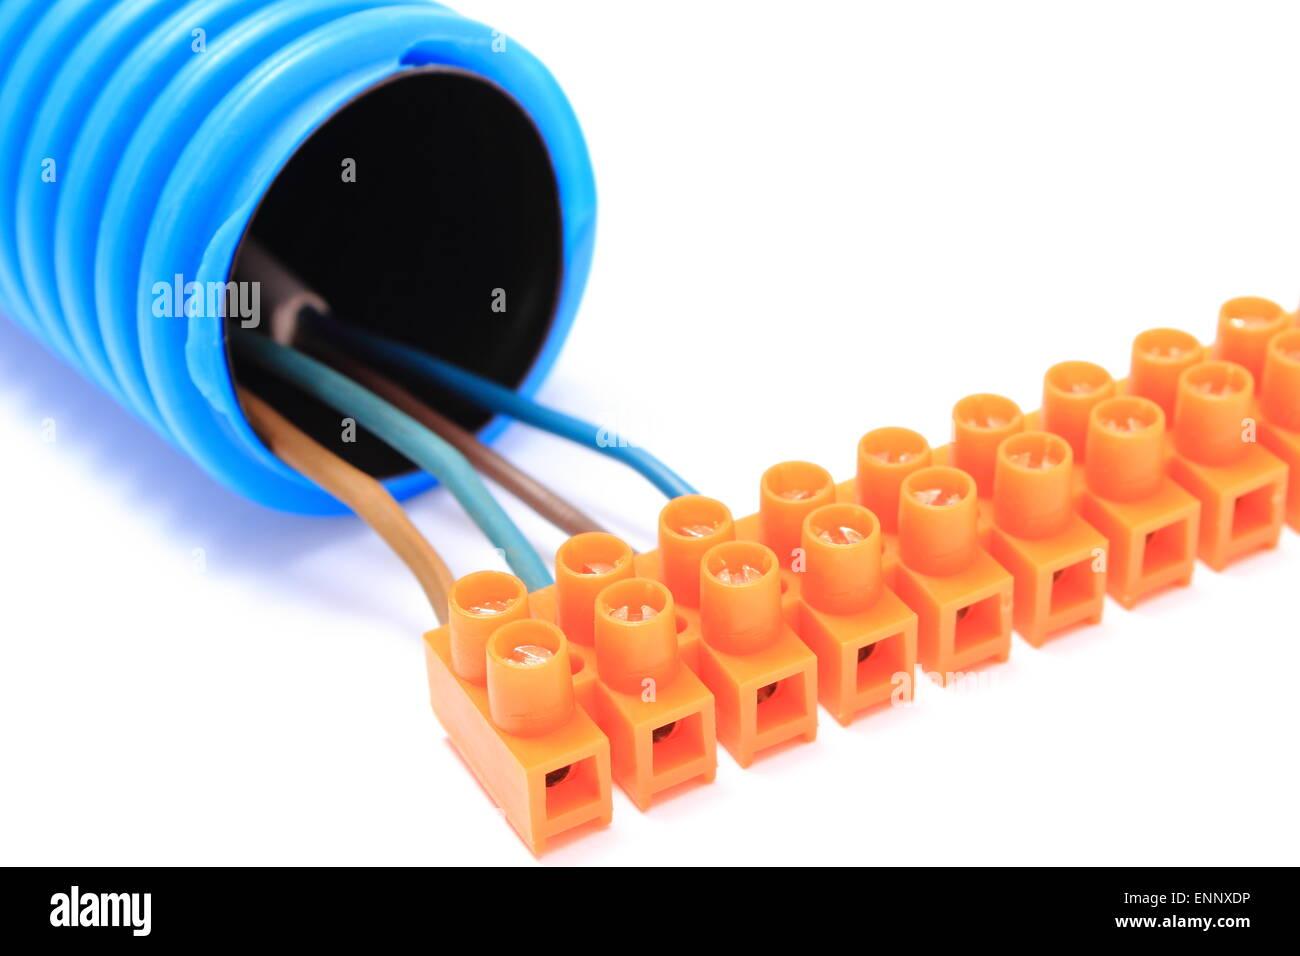 Erfreut Elektrische Kabelverbindung Fotos - Die Besten Elektrischen ...